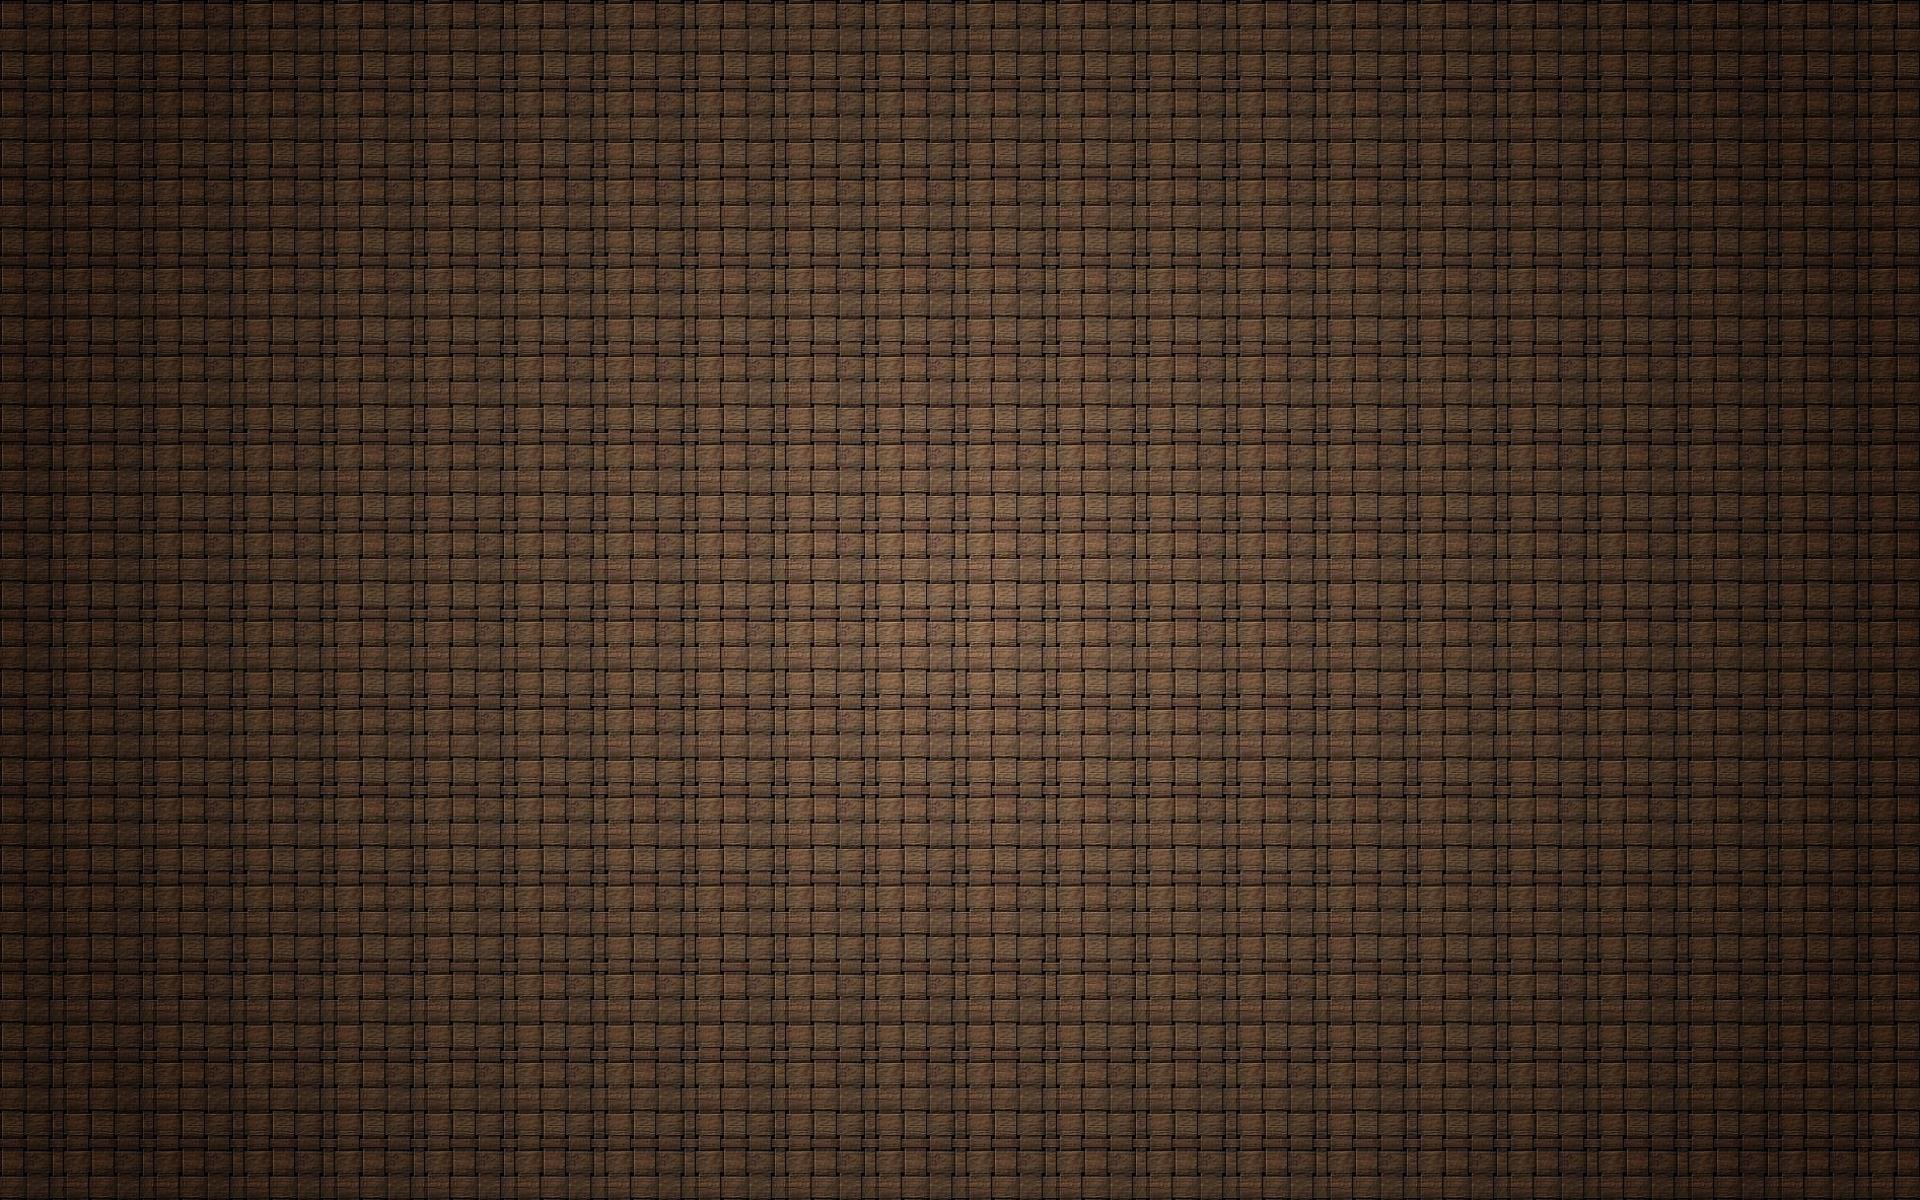 Grid: Texture, Brown